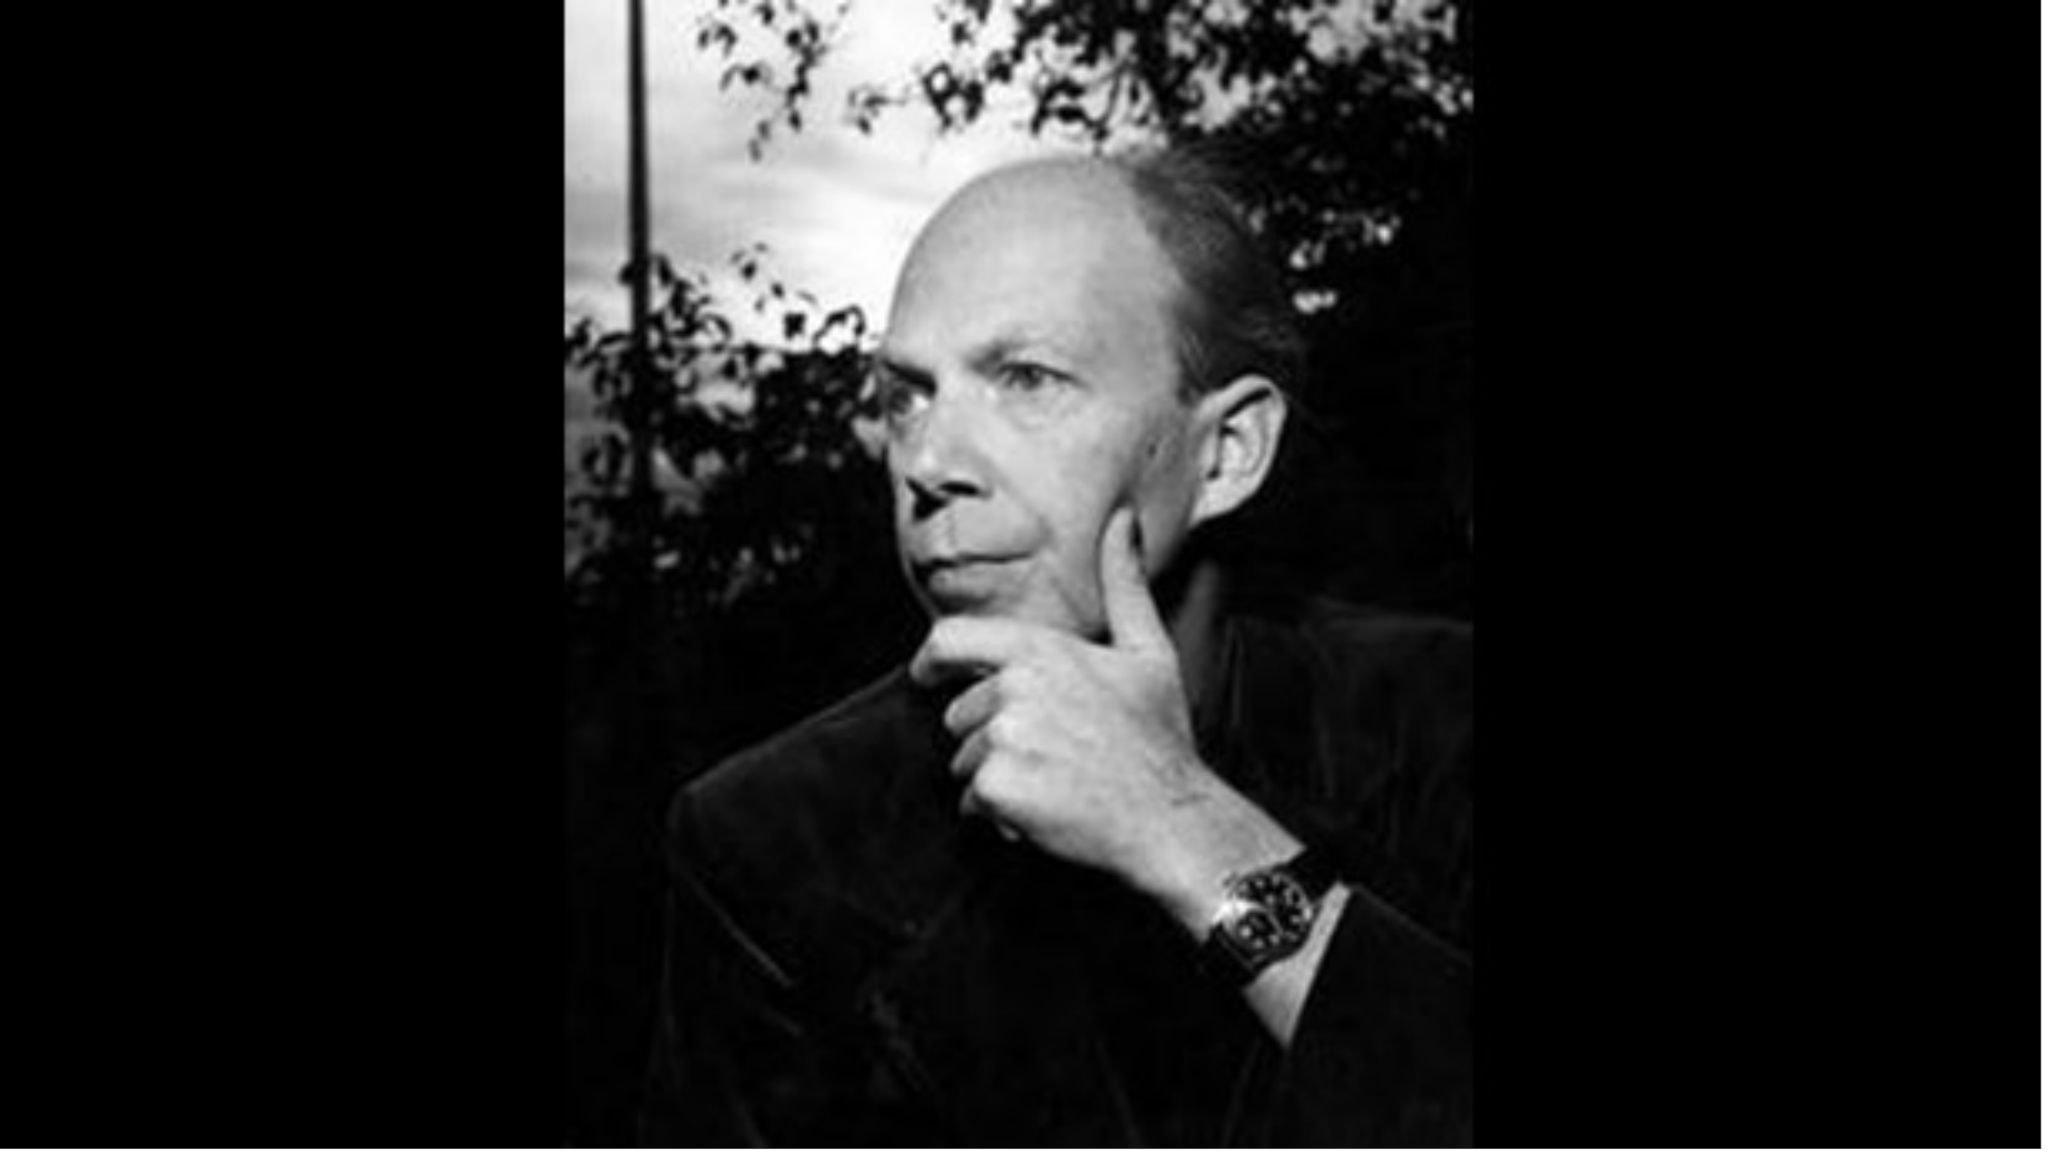 Den svenska diktskatten: En verklighet (drömd) av Gunnar Ekelöf